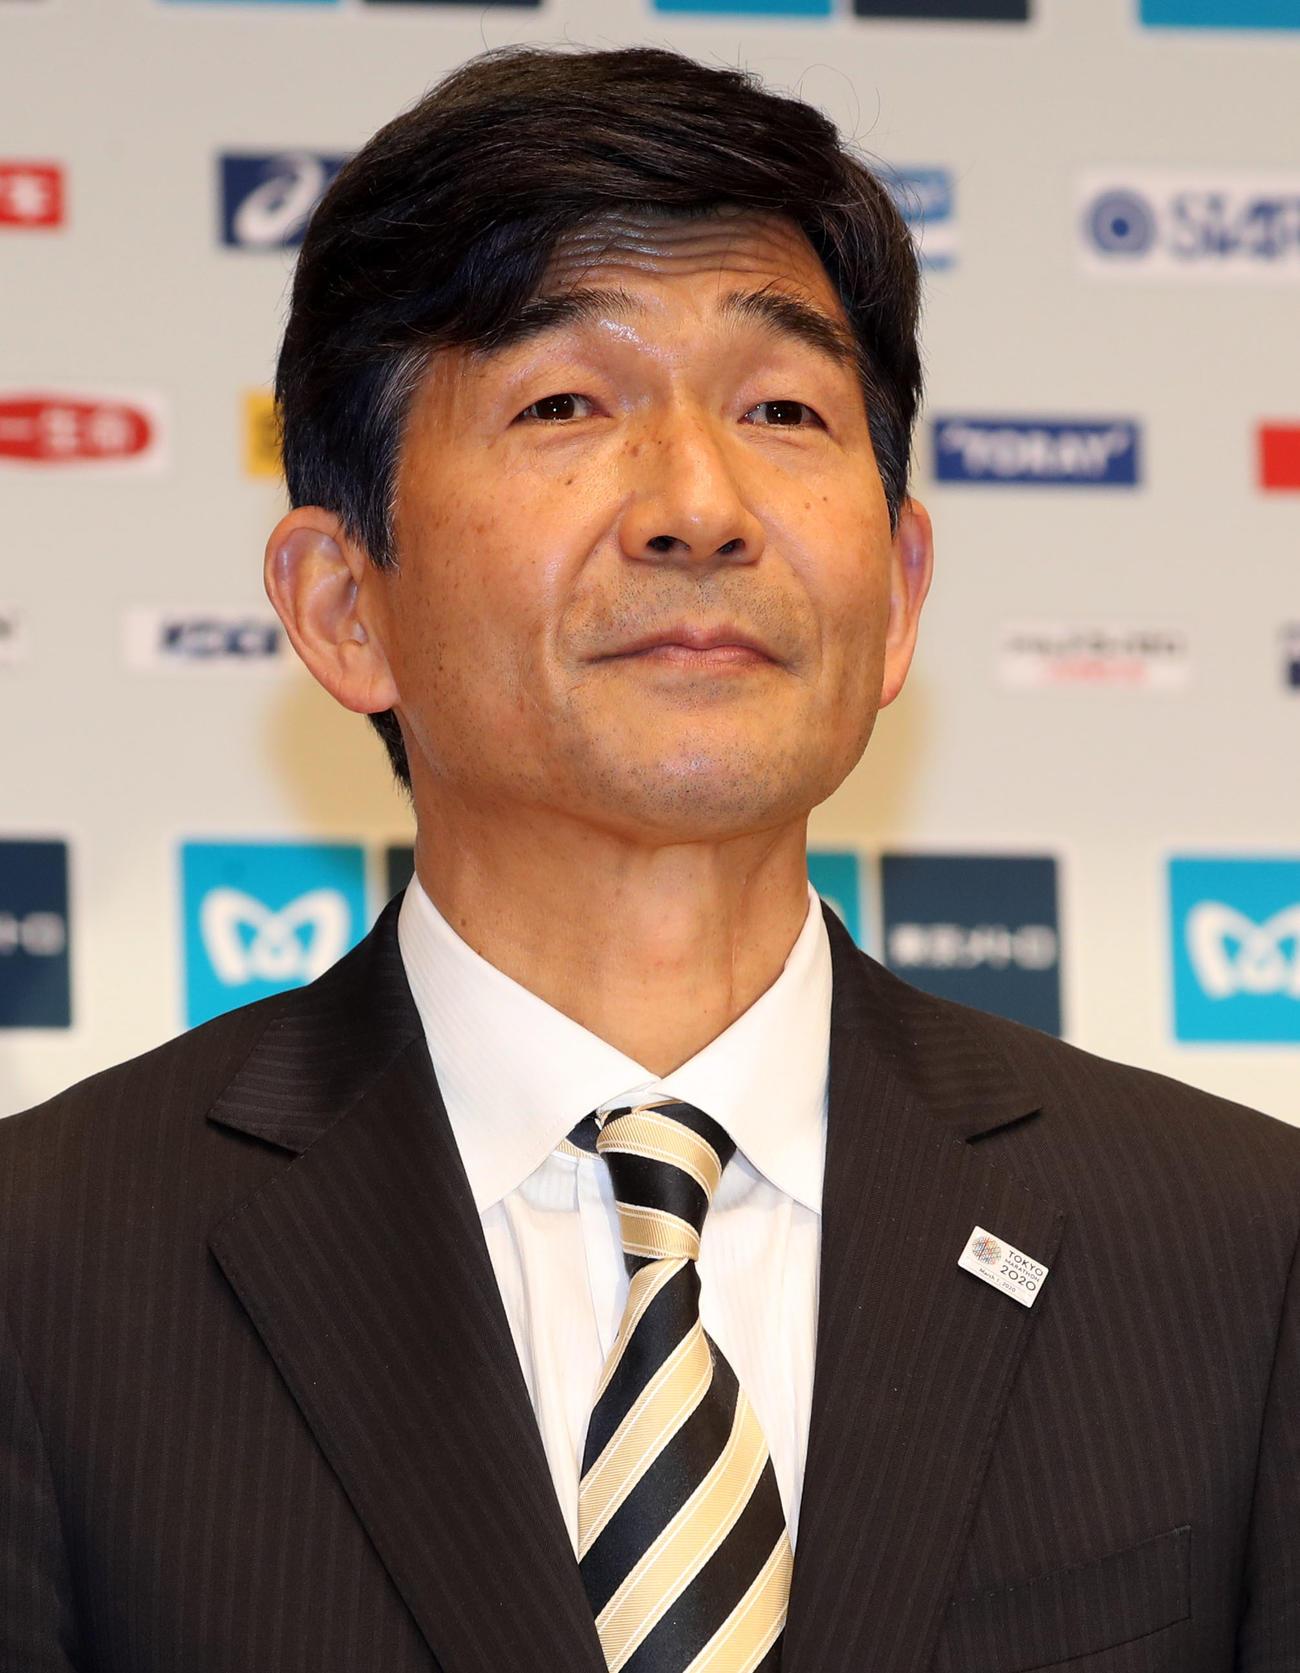 日本陸連の尾県貢新会長(2020年3月1日撮影)